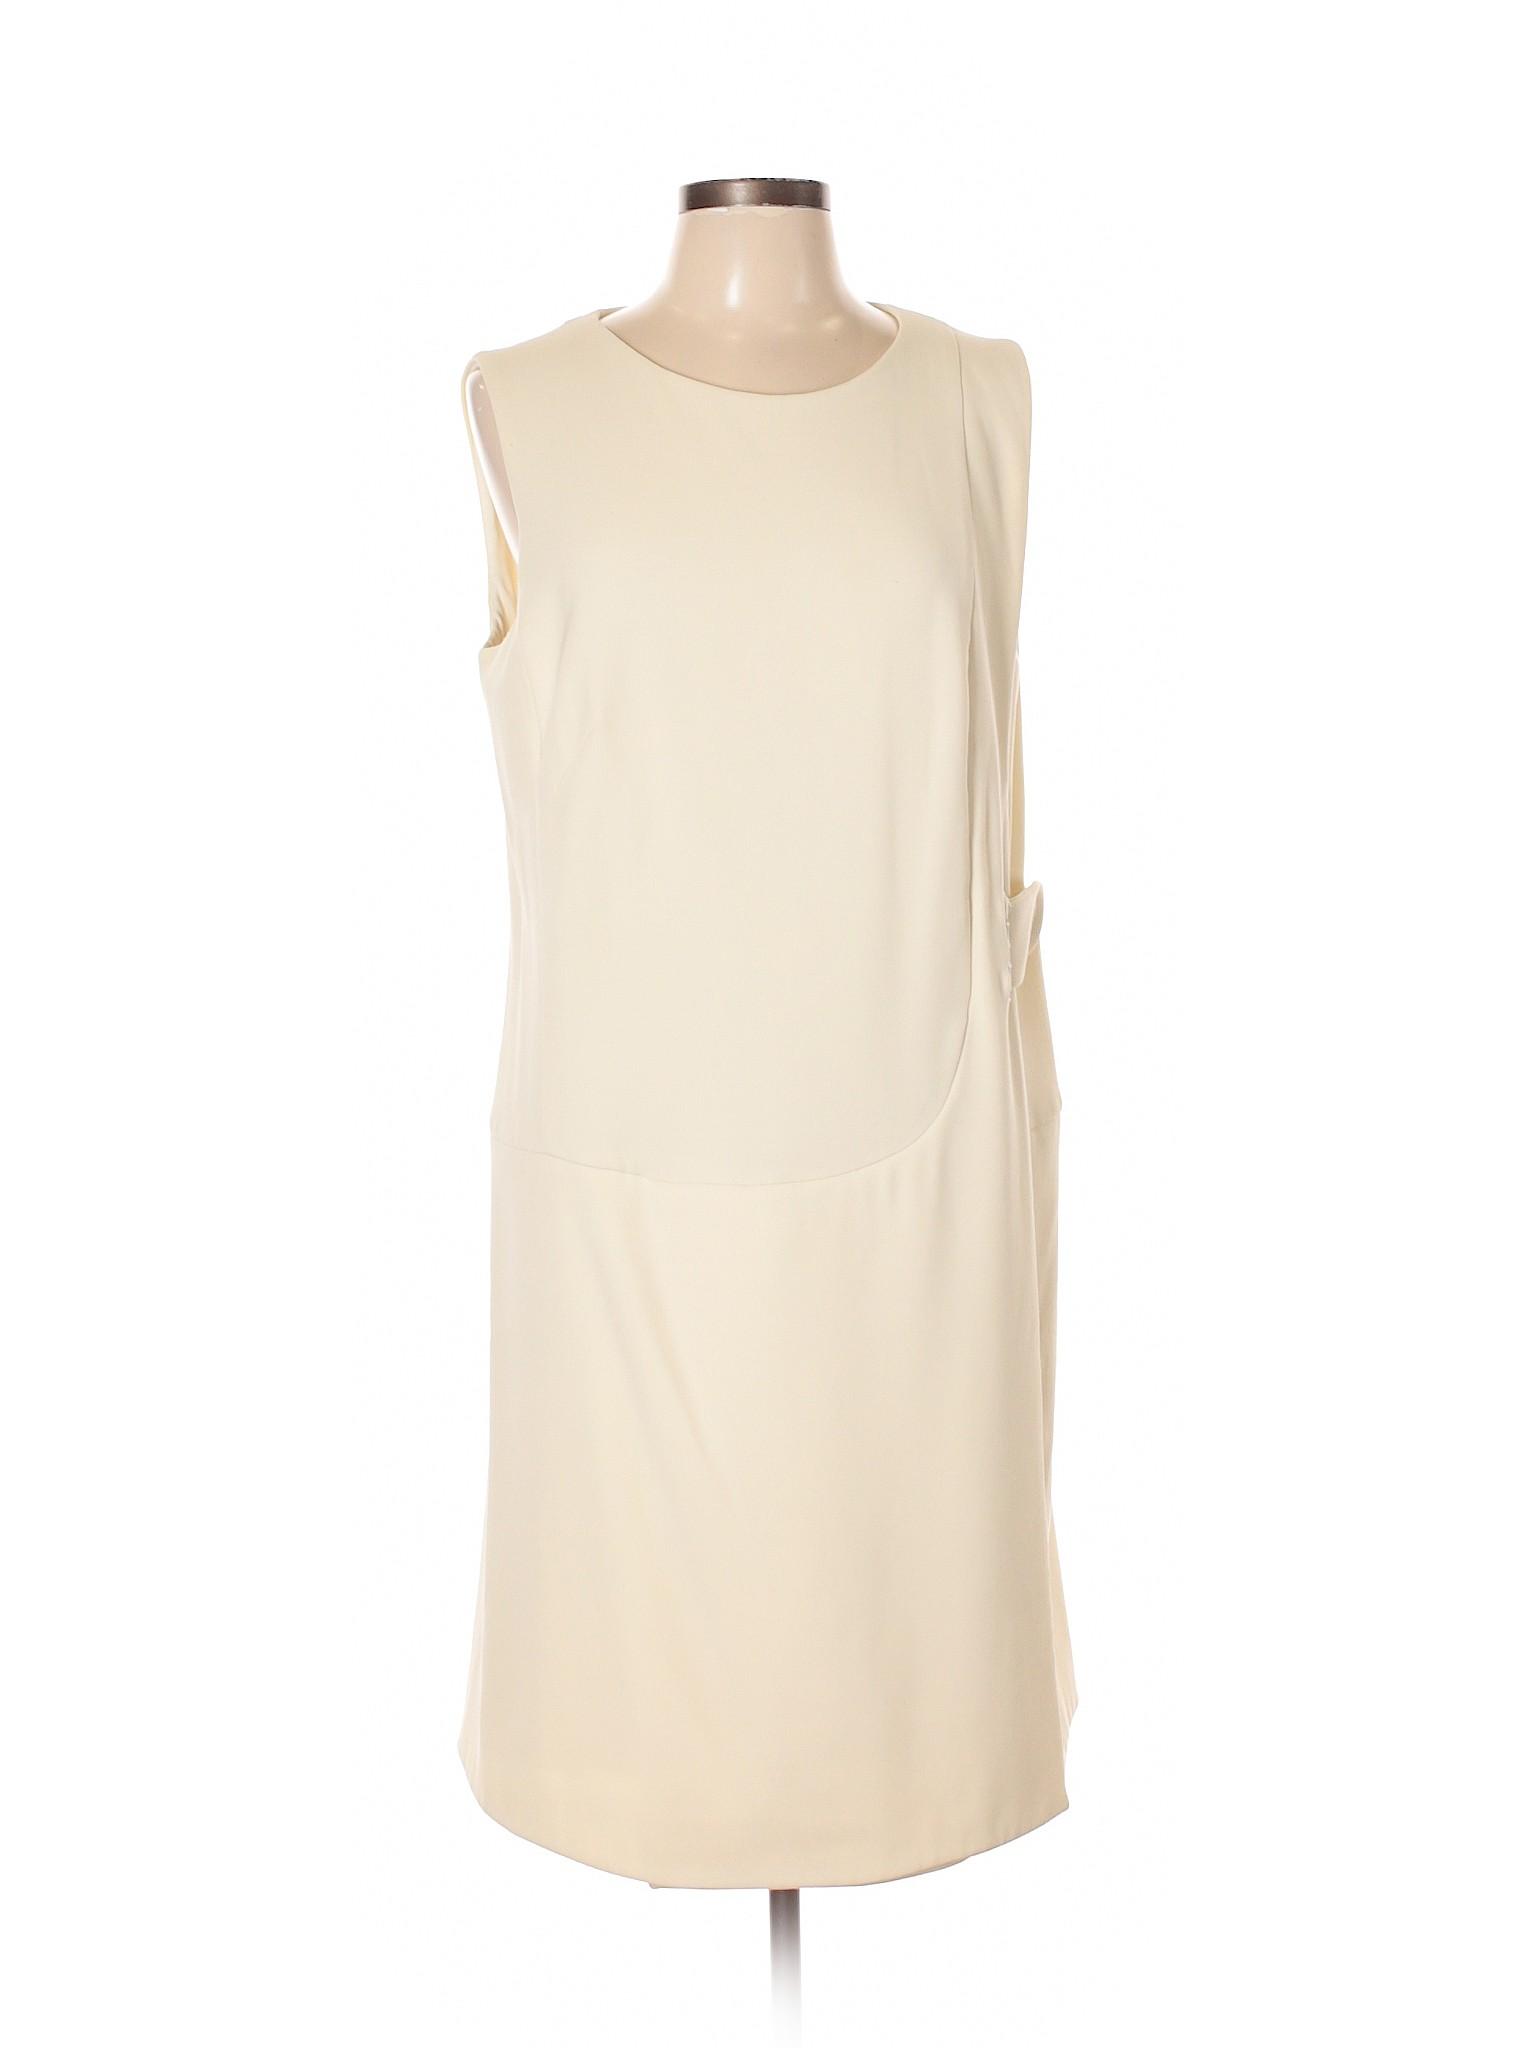 Akris Akris Selling punto Selling Dress Akris Casual punto Dress Casual Selling qqZpFT